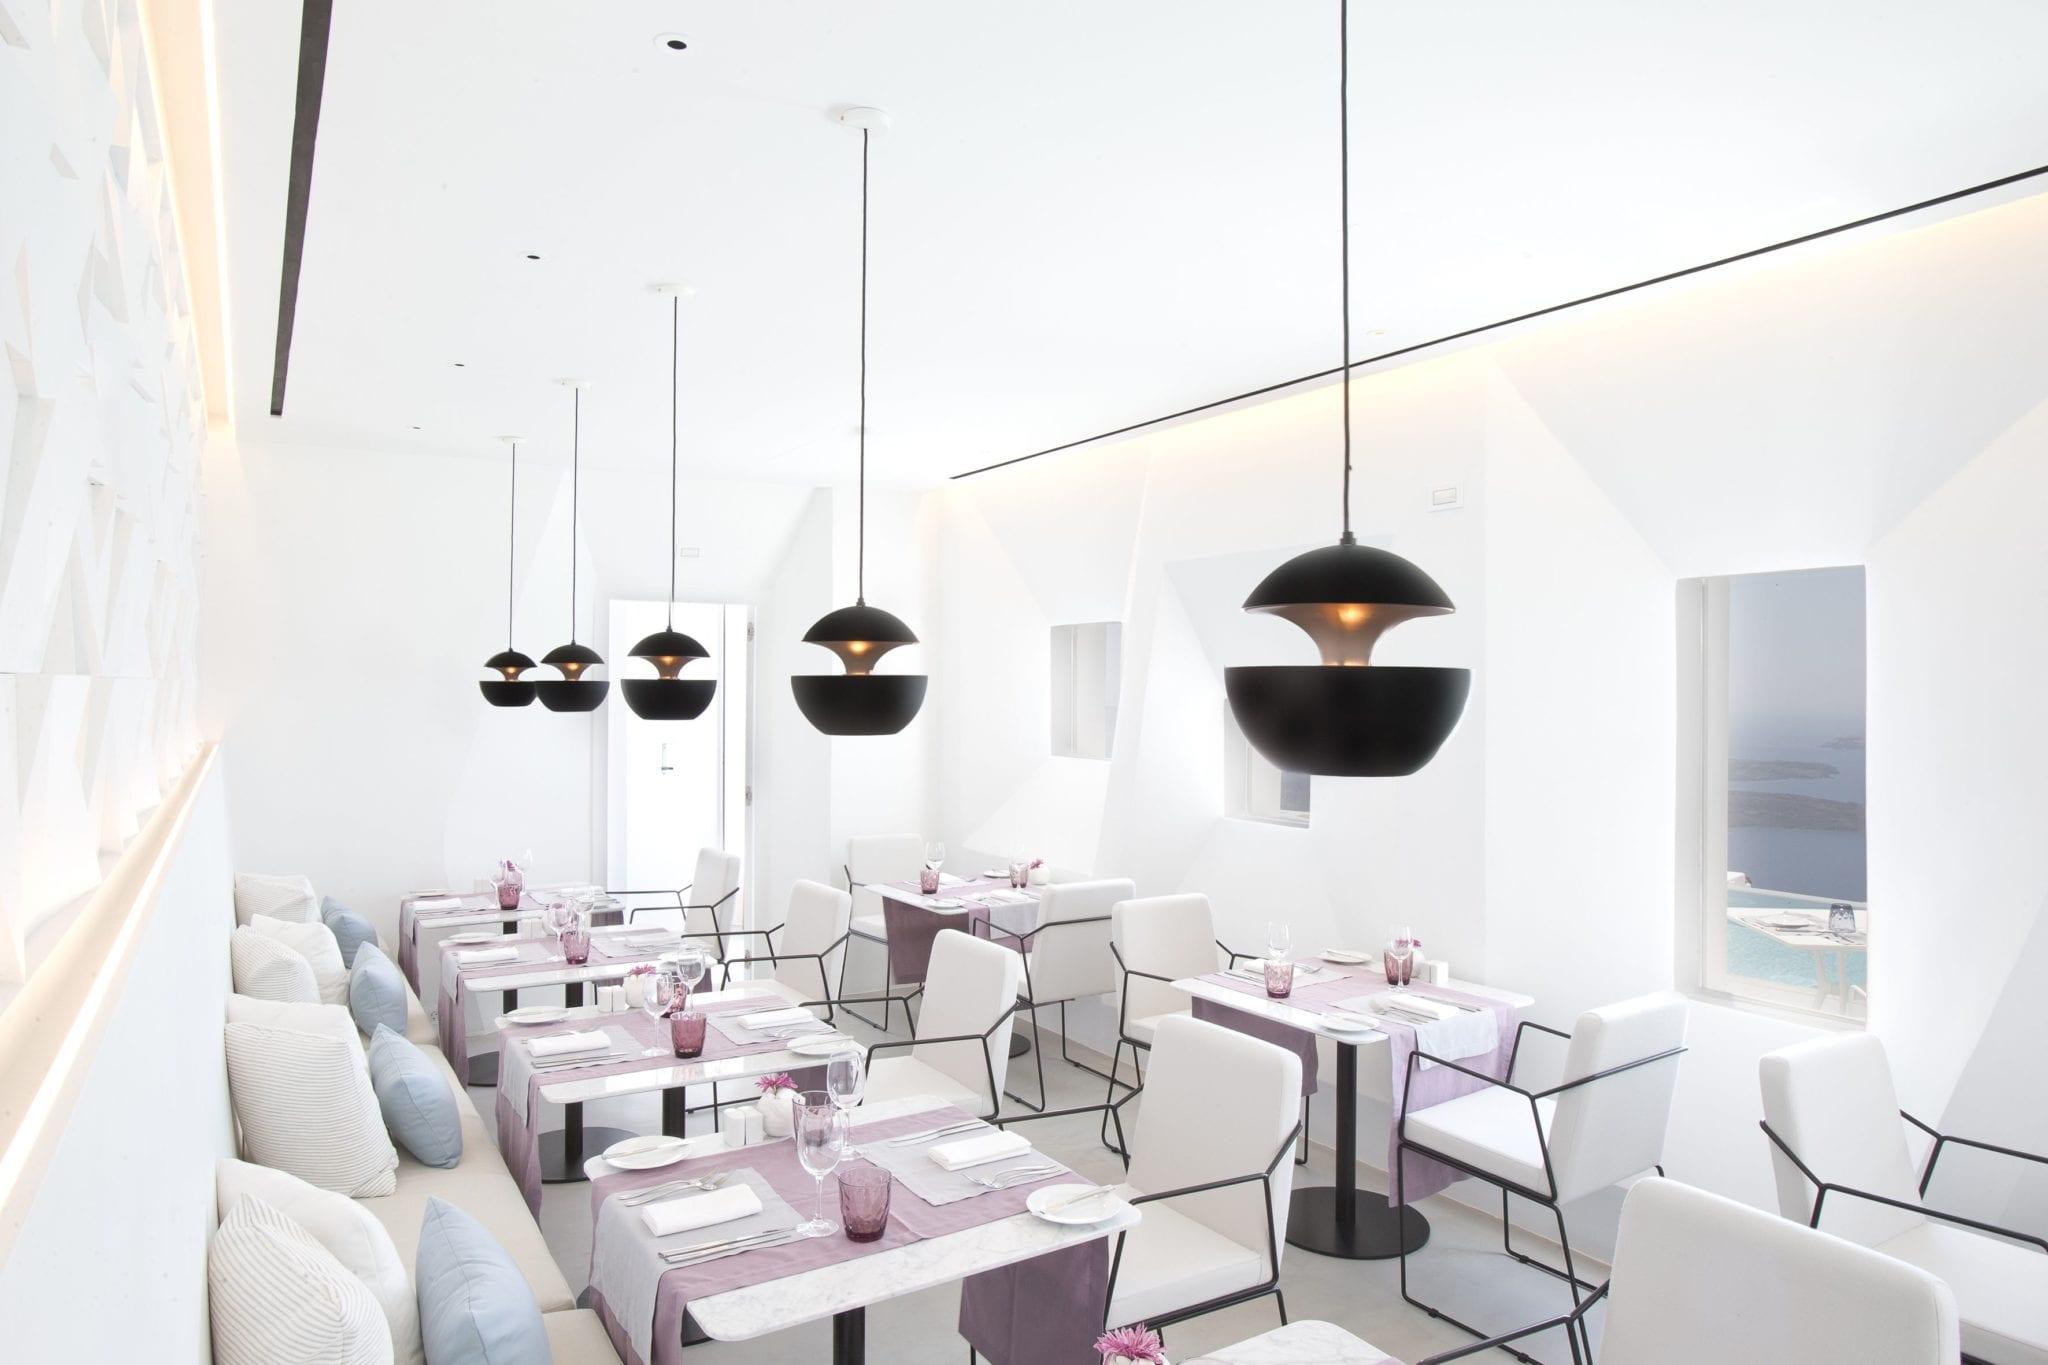 Santoro Restaurant